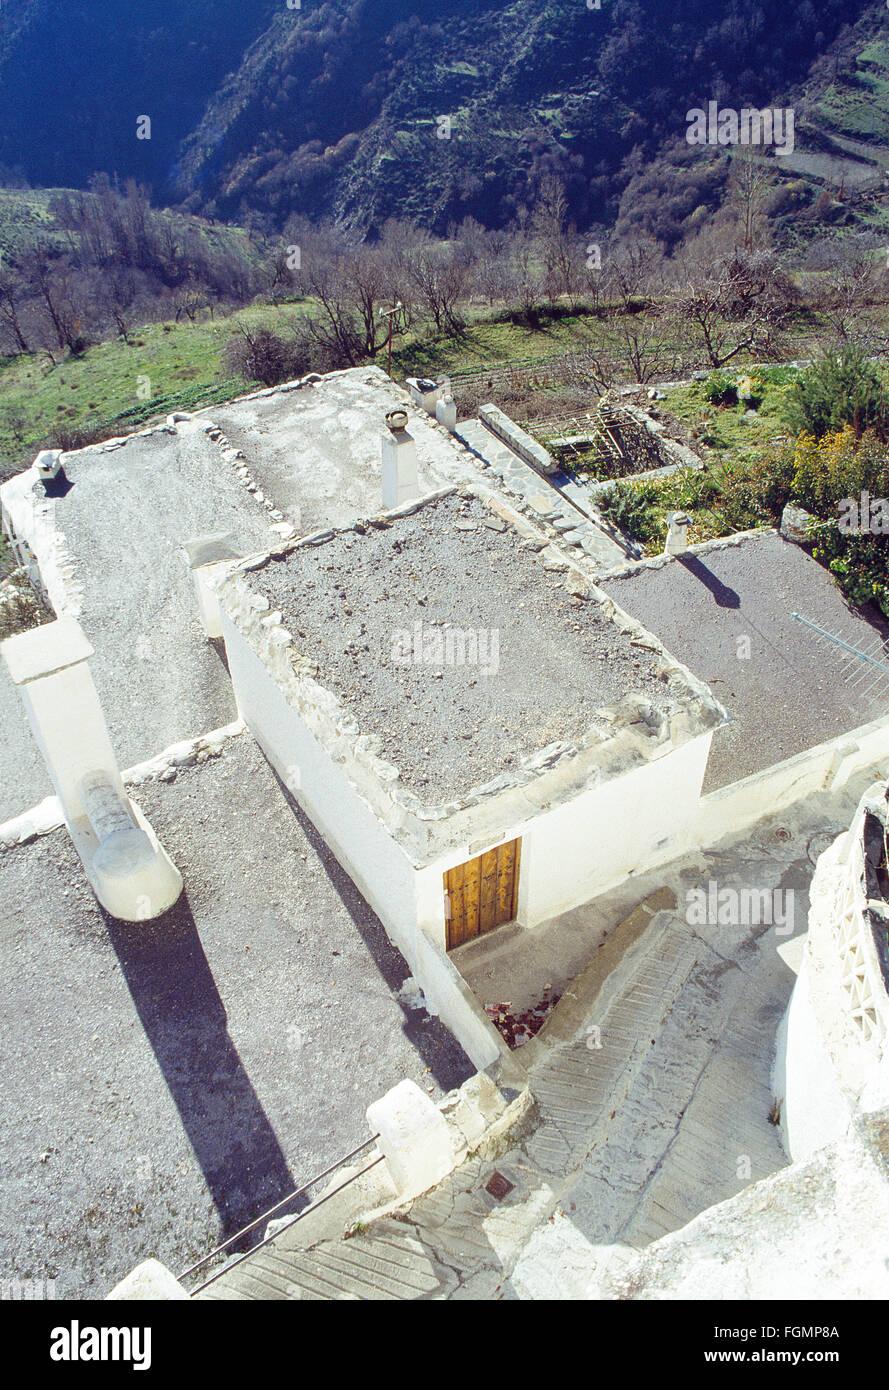 Traditionelle Architektur: Reihenhaus Dächer in Las Alpujarras. Capileira, Provinz Granada, Andalusien, Spanien. Stockbild